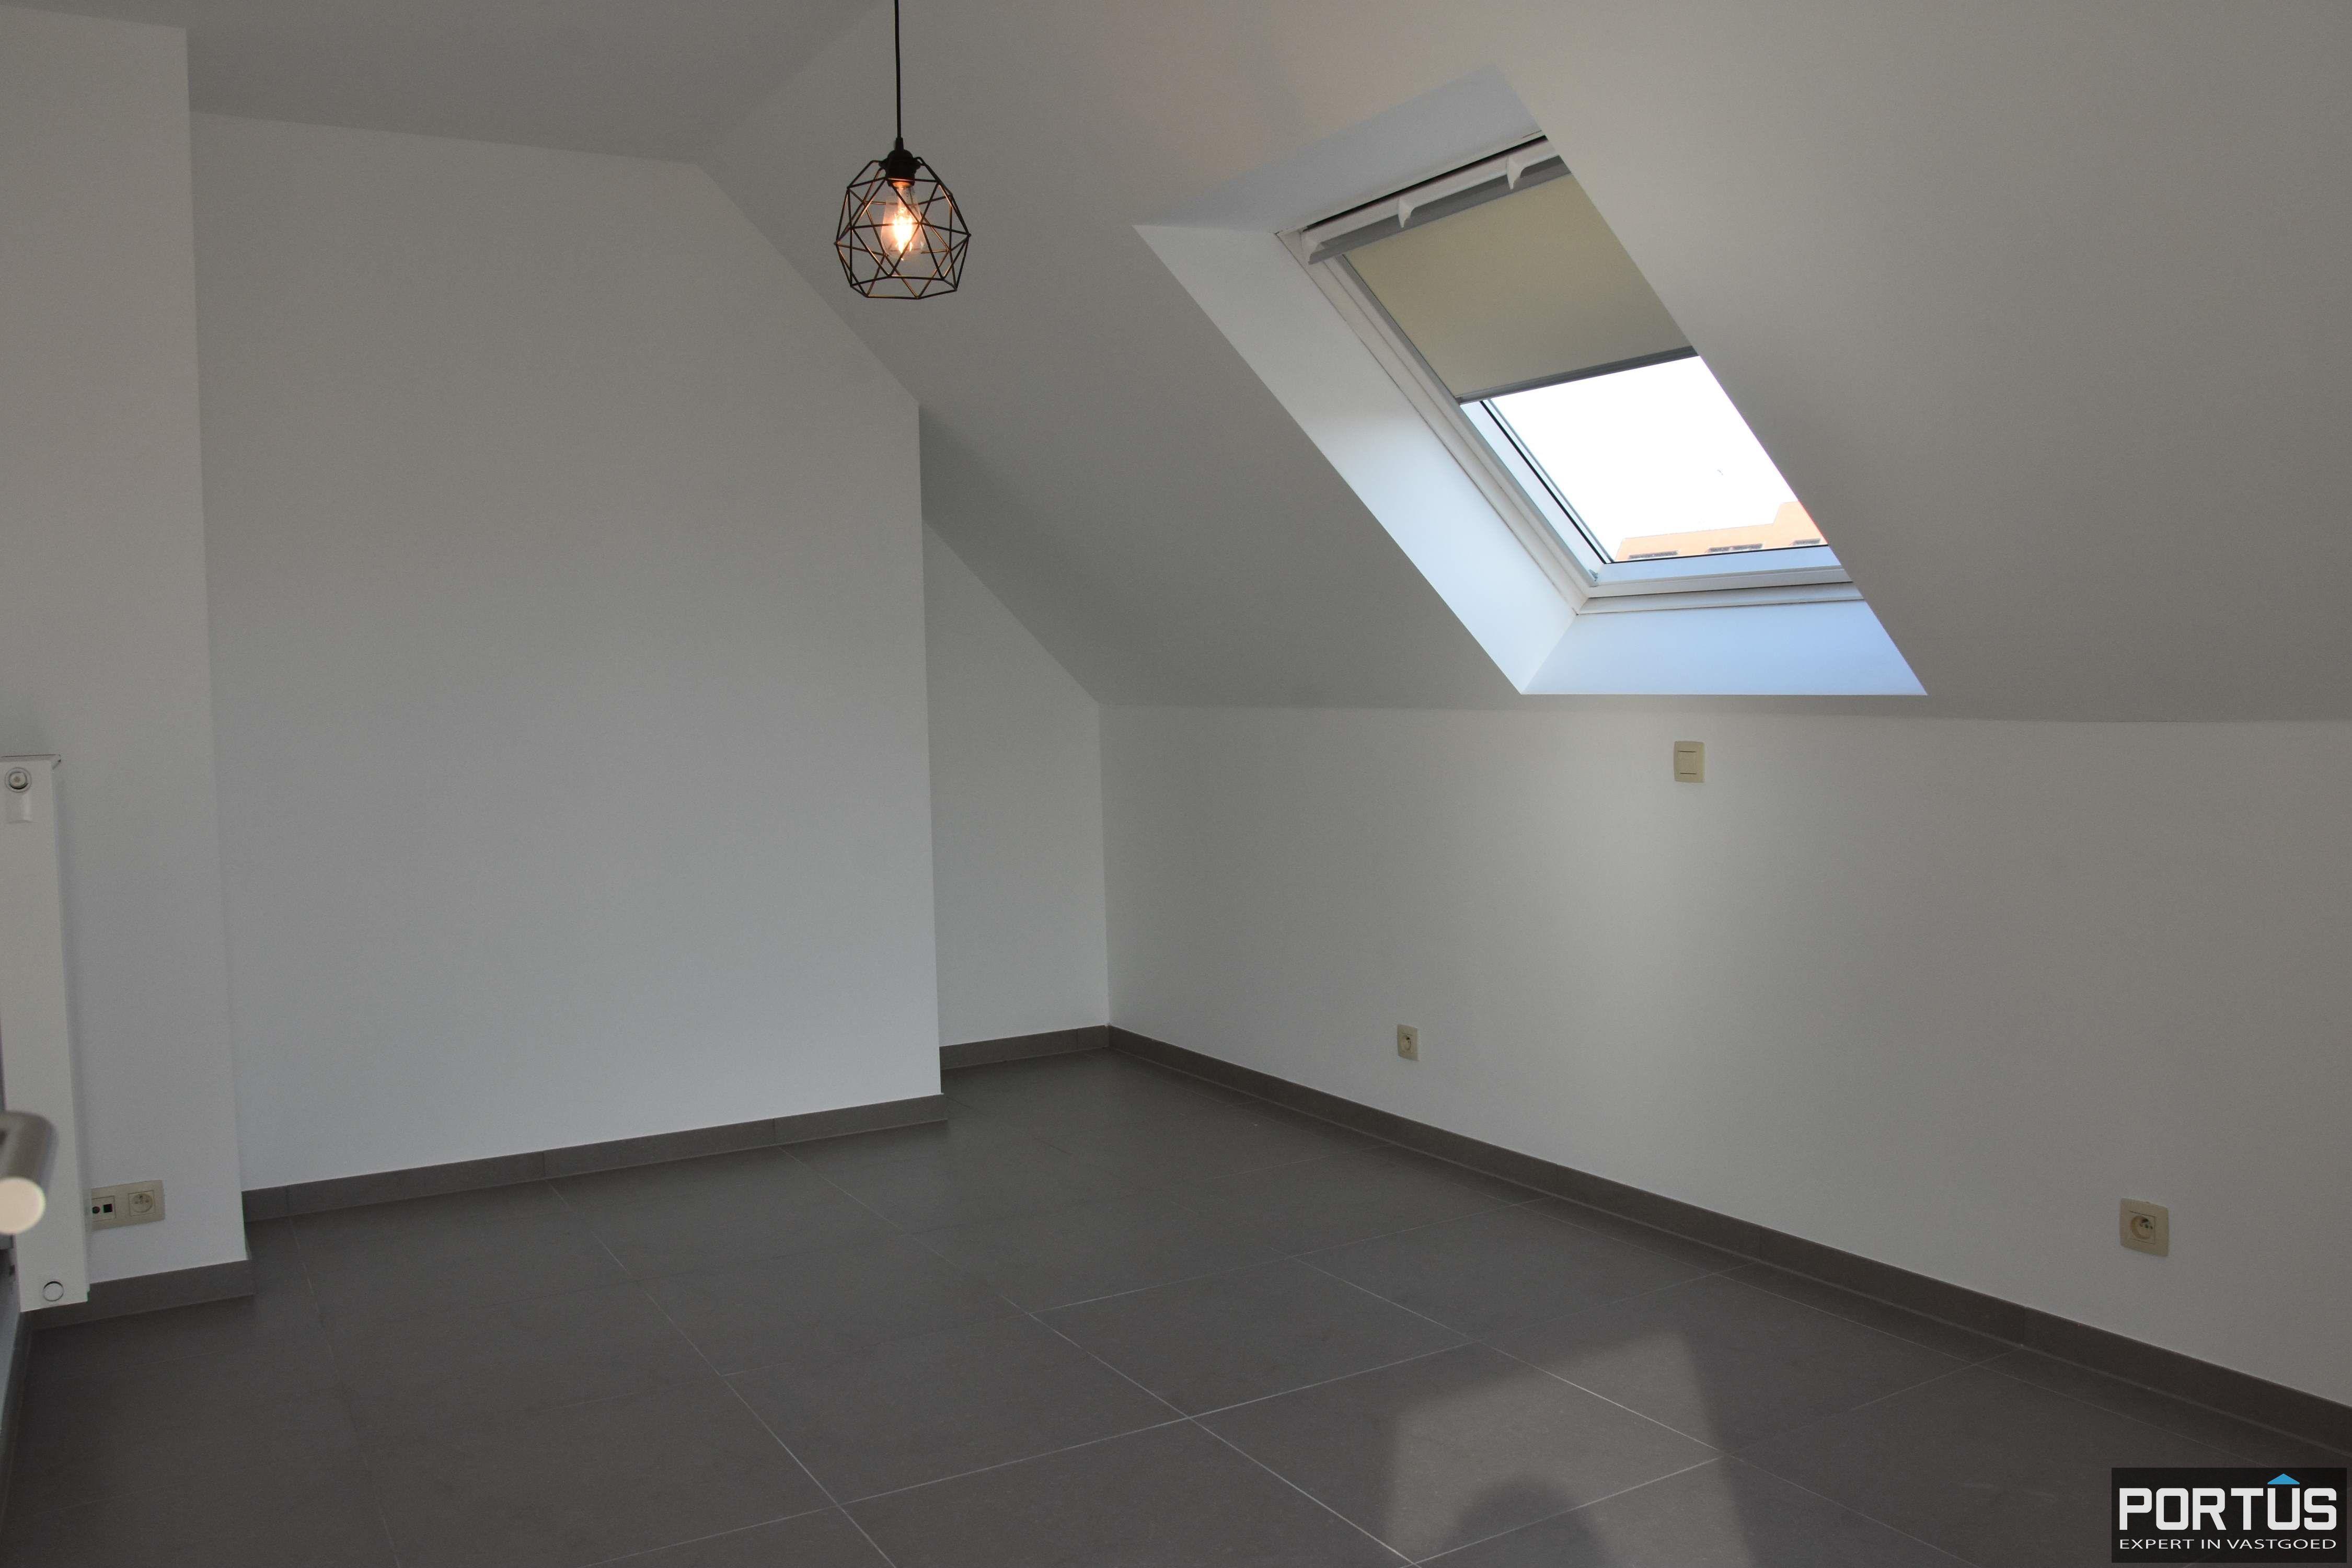 Recent appartement te huur met 3 slaapkamers, kelderberging en parking - 11115